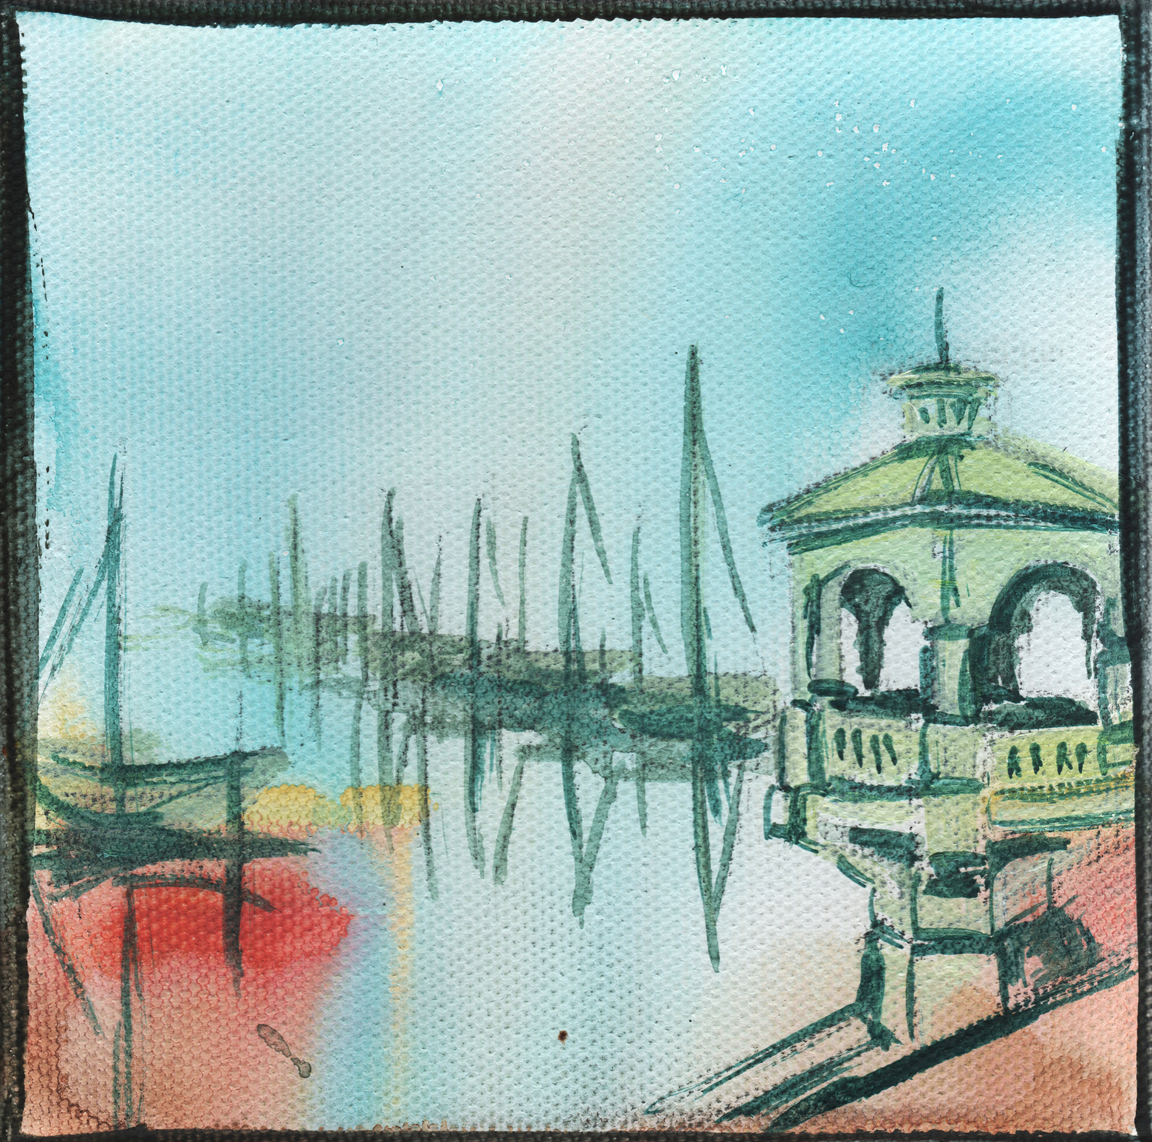 KGA_CoastalBendSnapshots_MirroredMarina_lowres.jpg